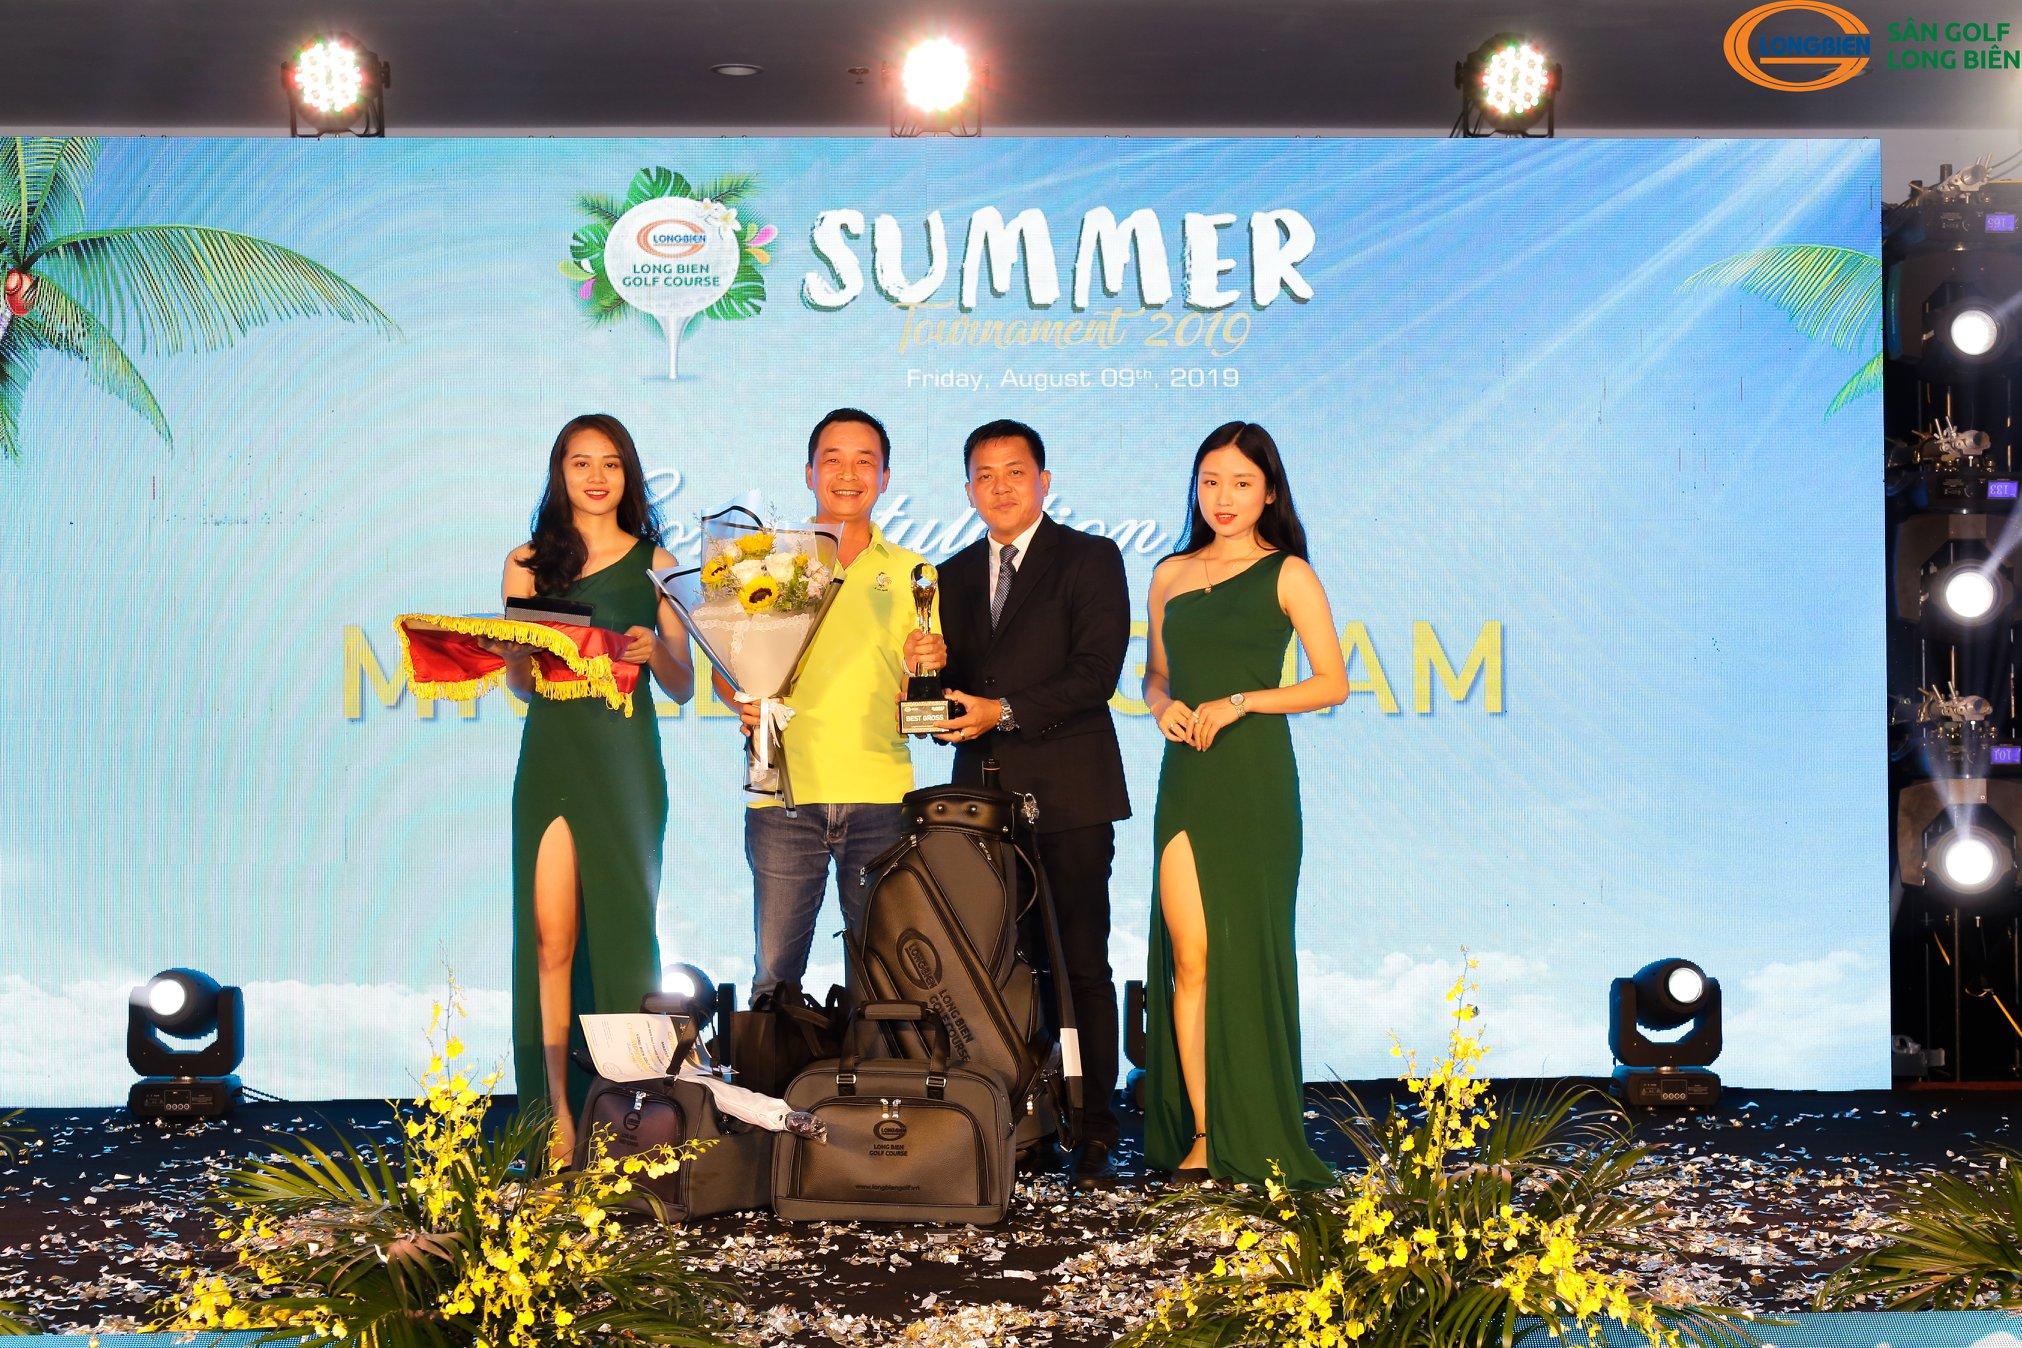 Long Biên Golf Course Summer Tournament 2019